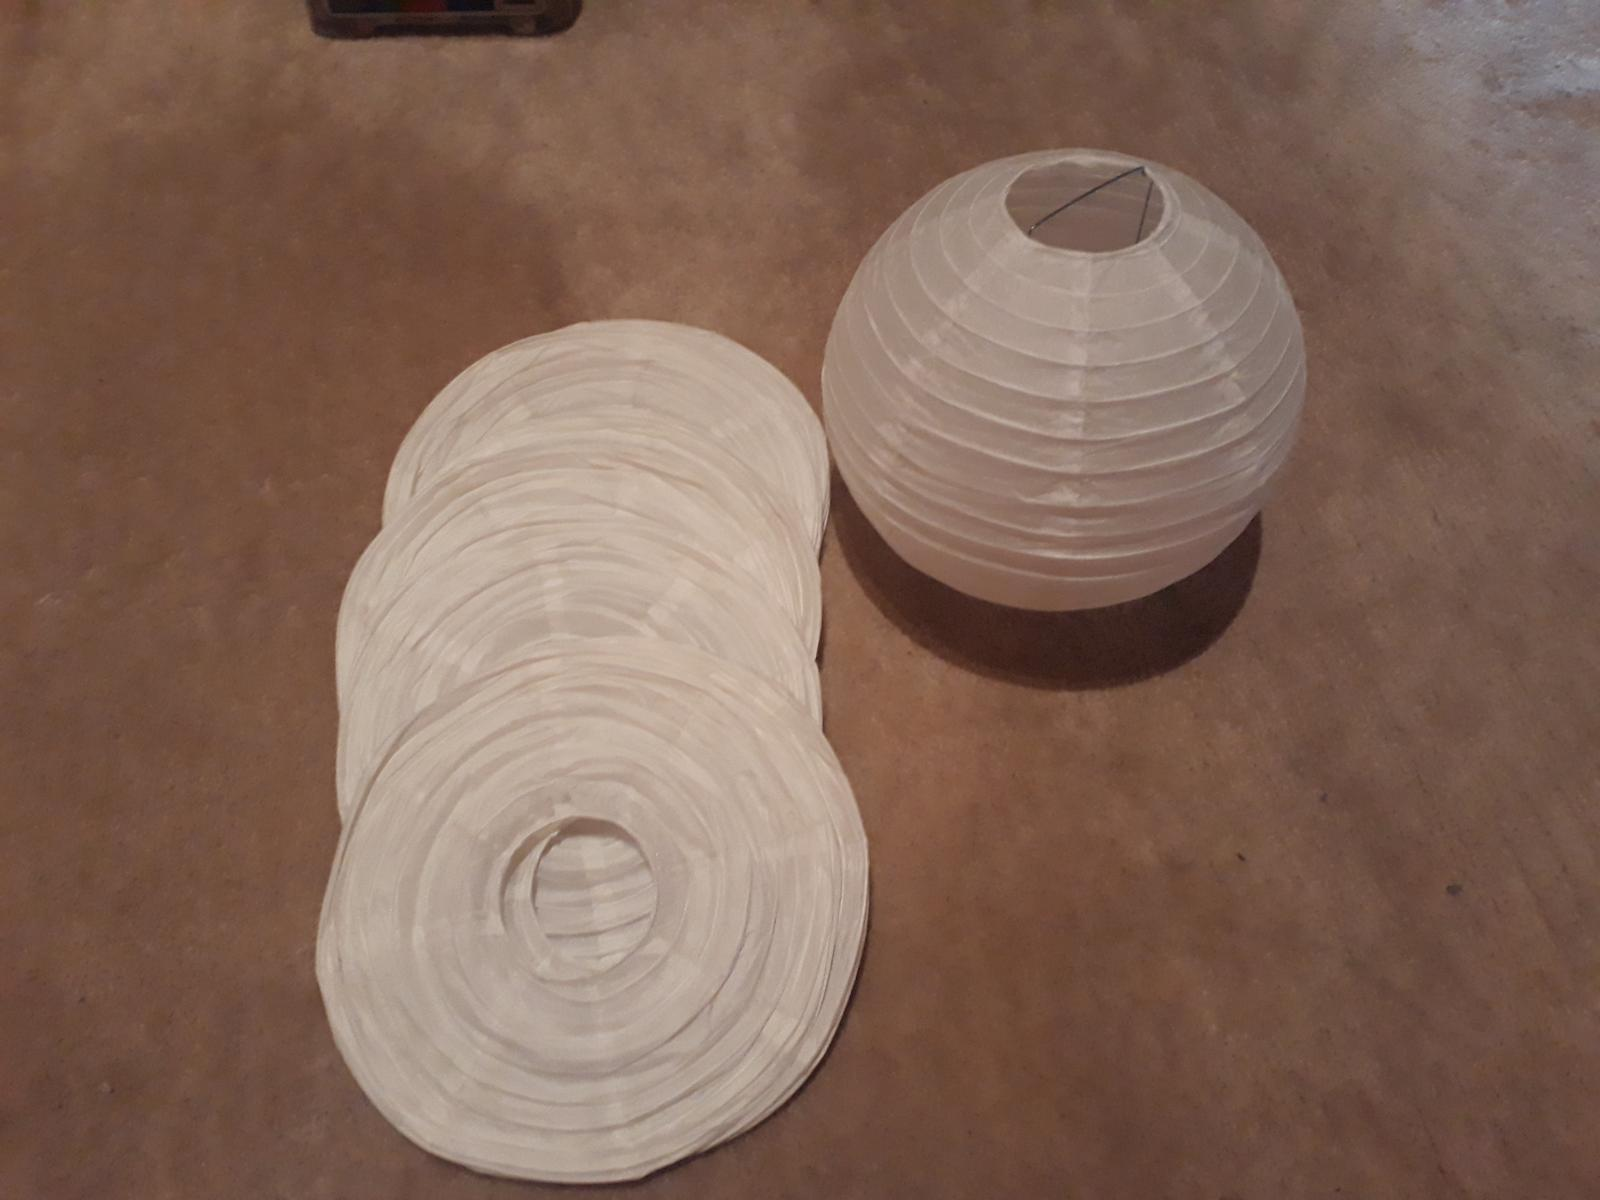 Závěsné papírové koule - Obrázek č. 1